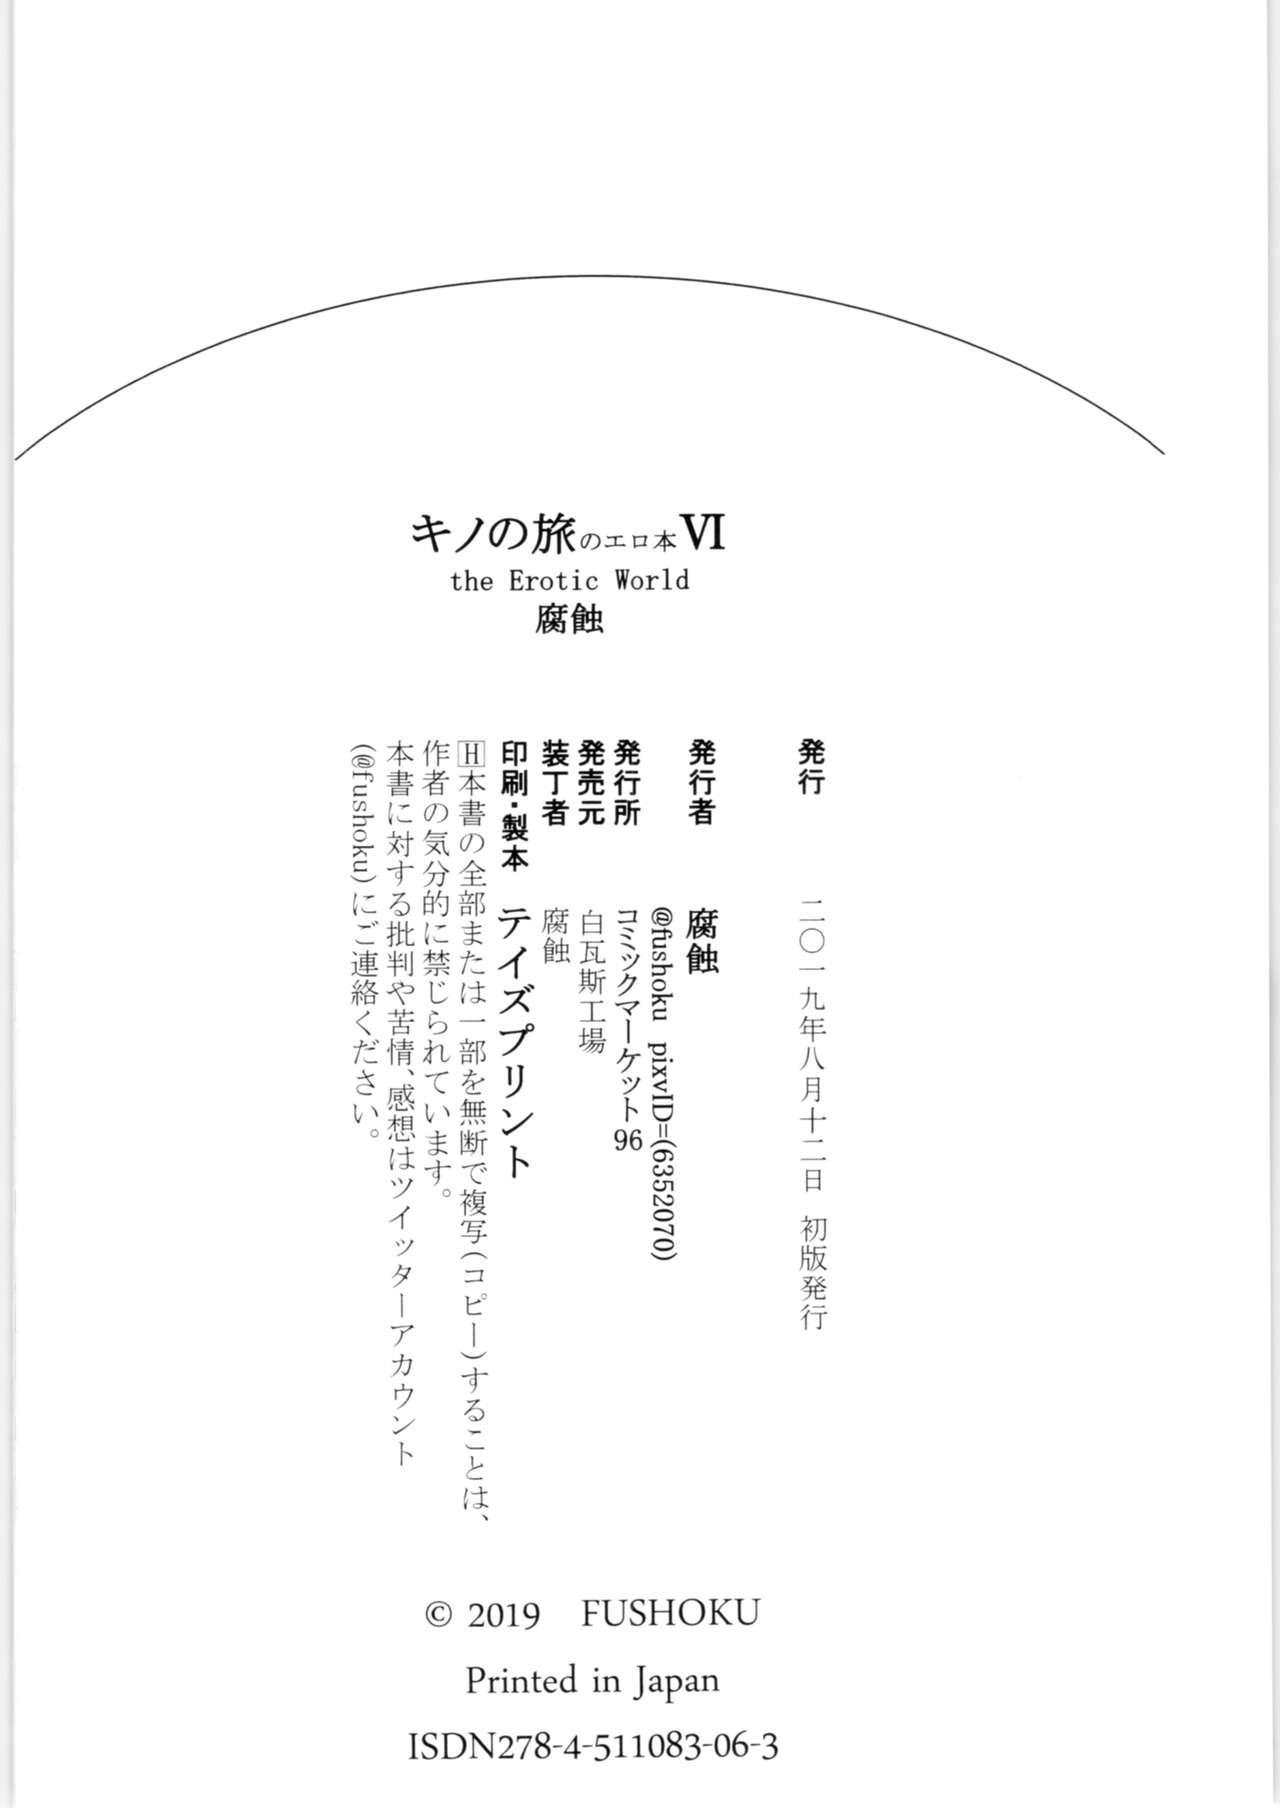 Kino no Tabi no Erohon VI - the Erotic World 20